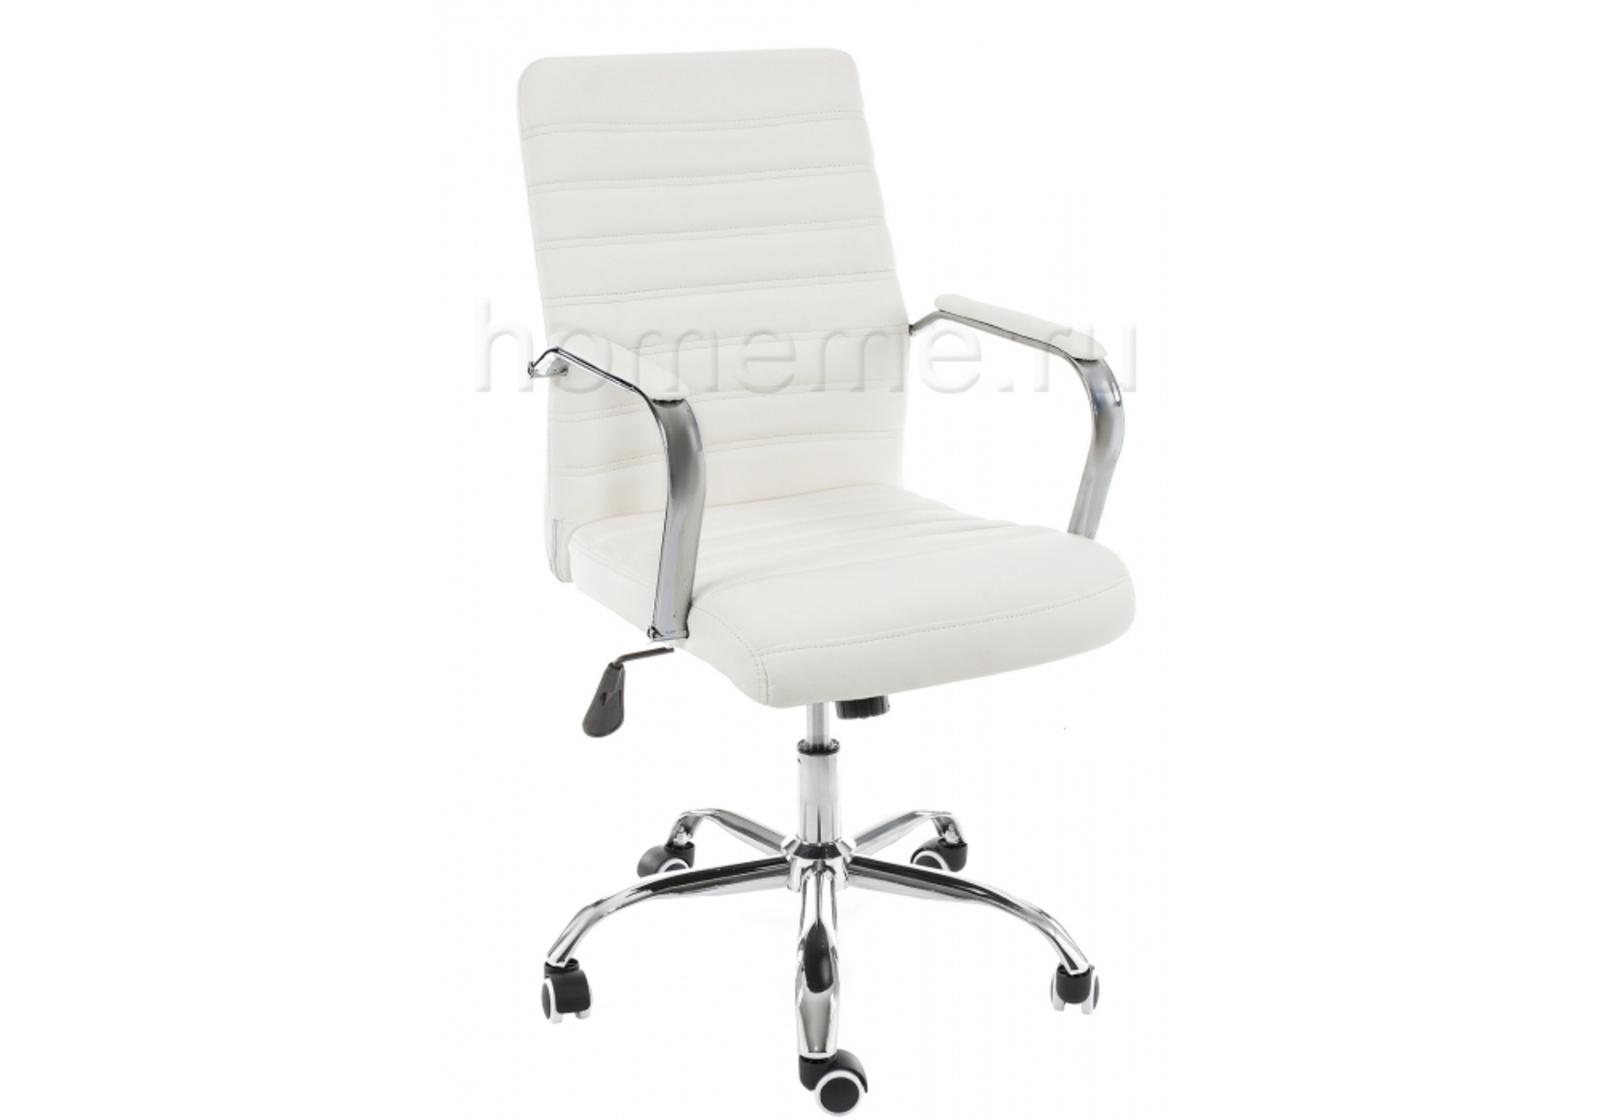 Кресло для офиса HomeMe Компьютерное кресло Tongo белое 11066 от Homeme.ru